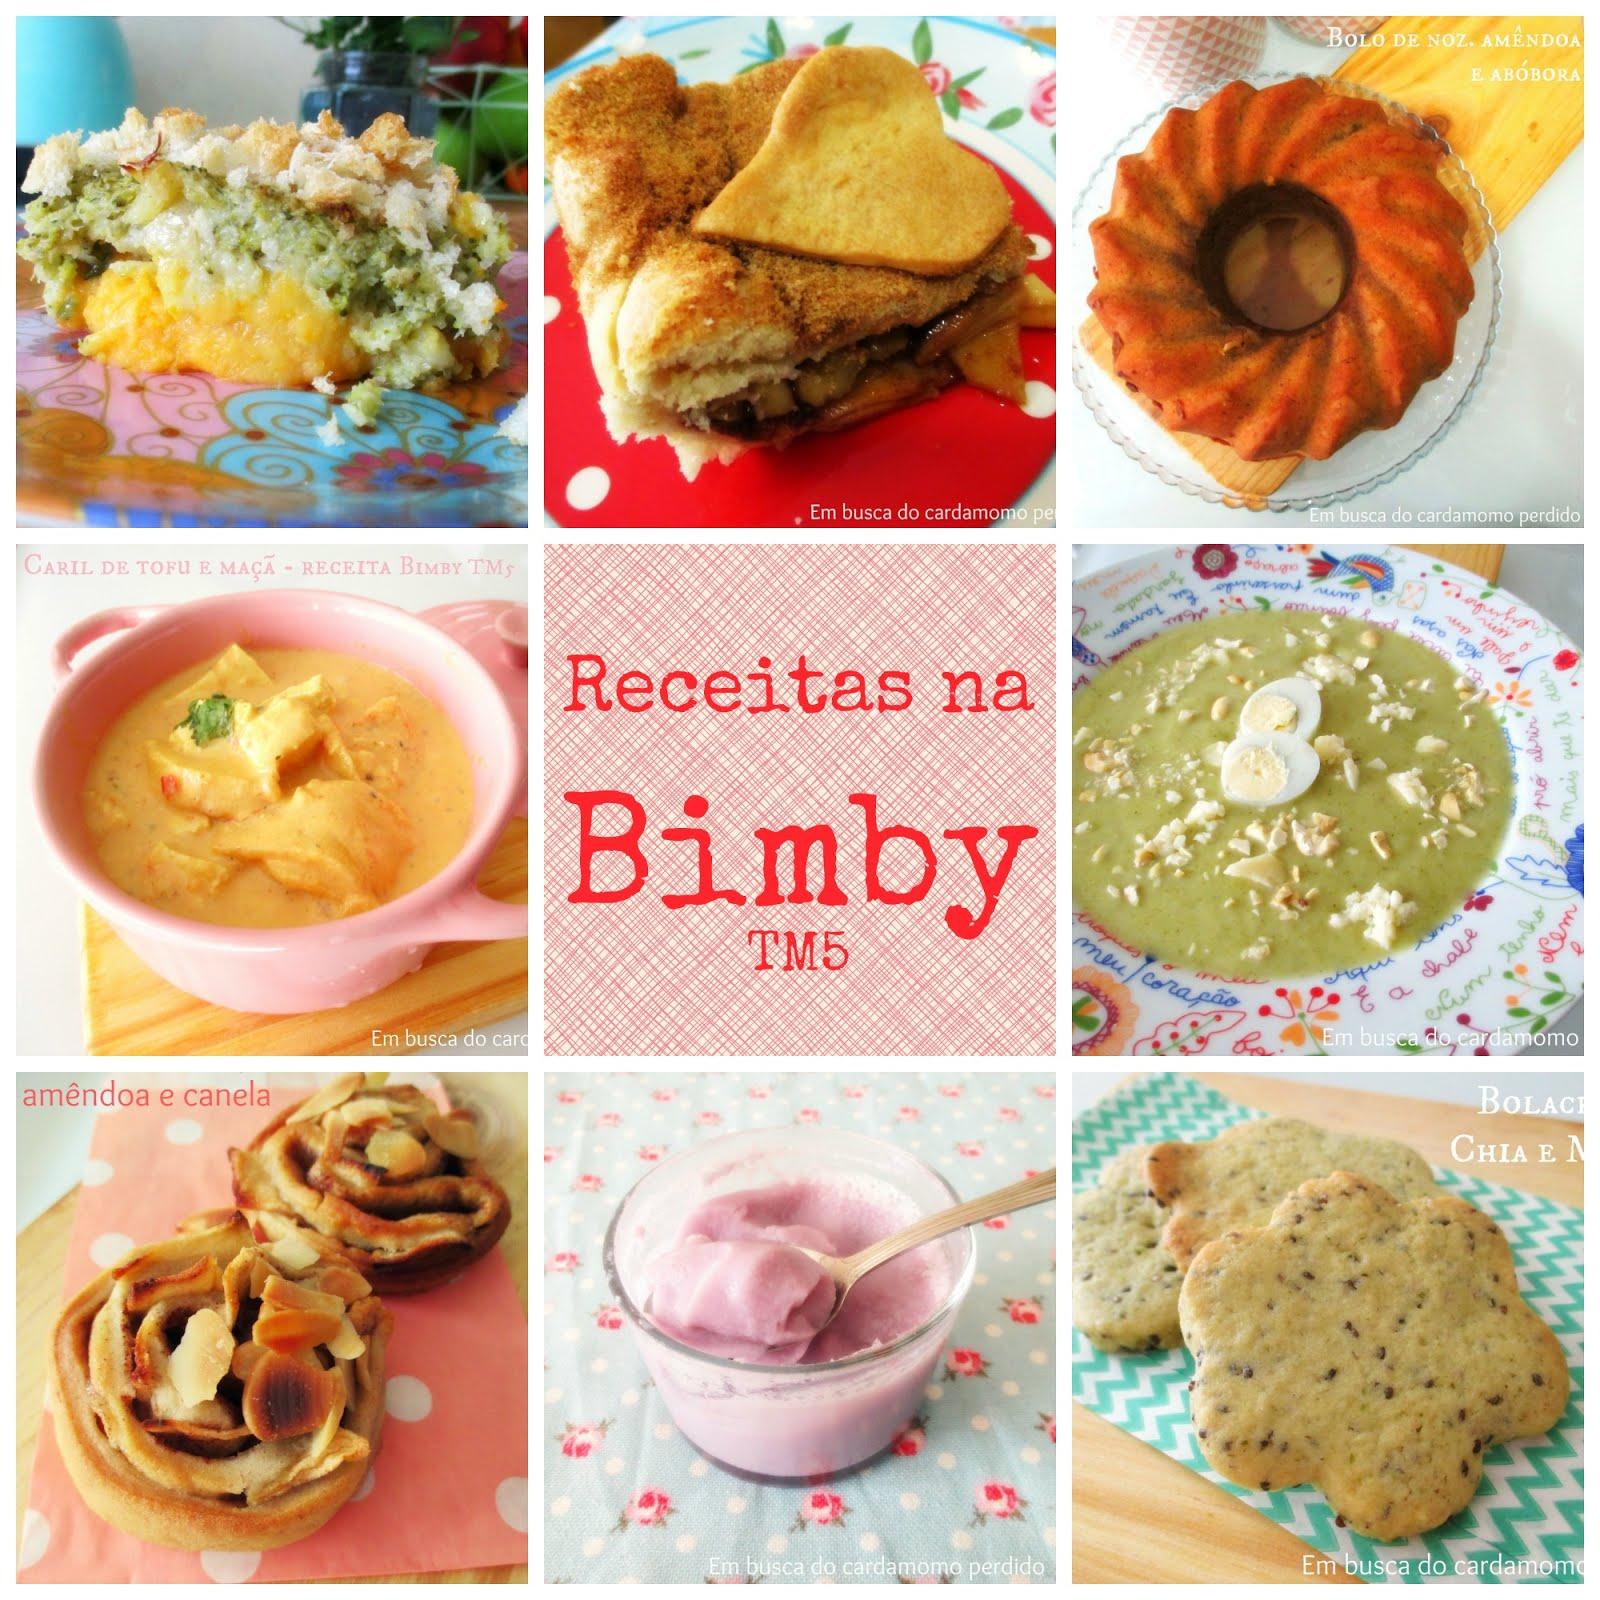 Receitas na Bimby